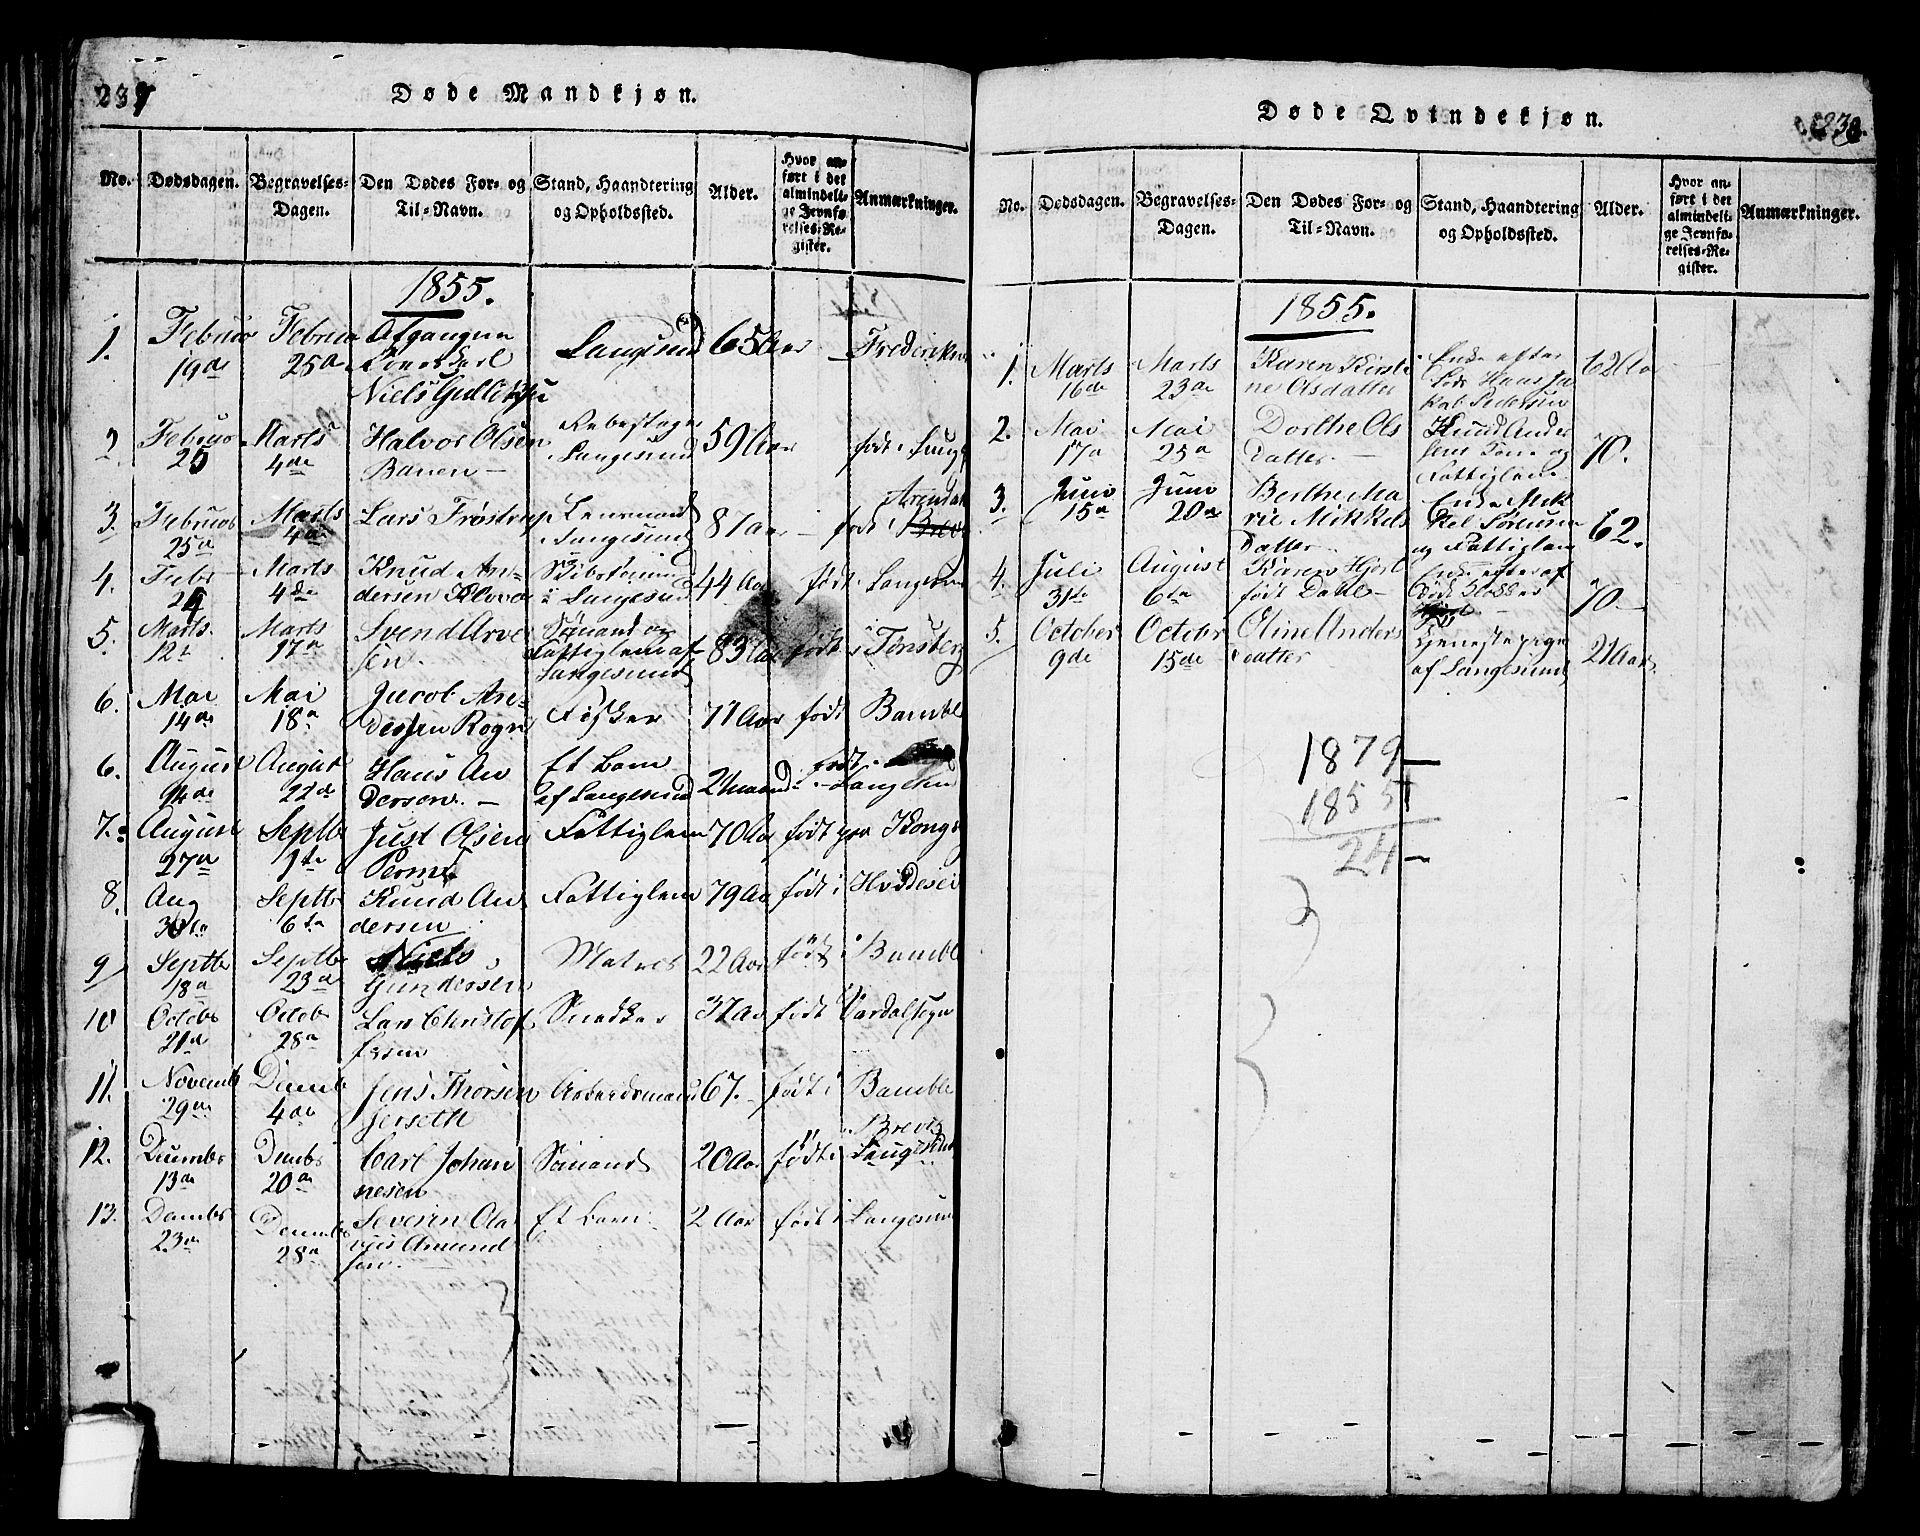 SAKO, Langesund kirkebøker, G/Ga/L0003: Klokkerbok nr. 3, 1815-1858, s. 237-238